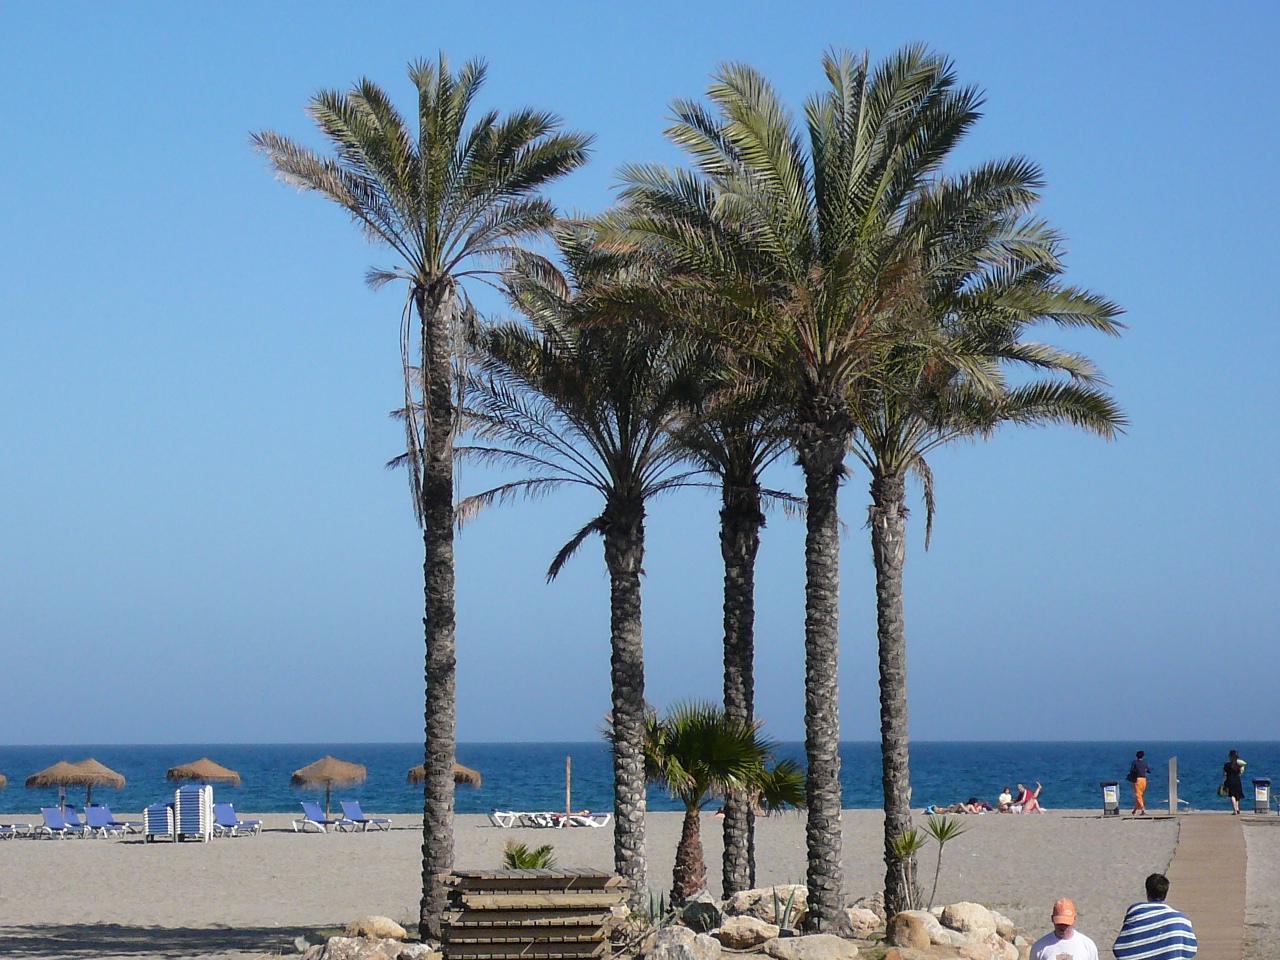 The beaches of Vera Playa